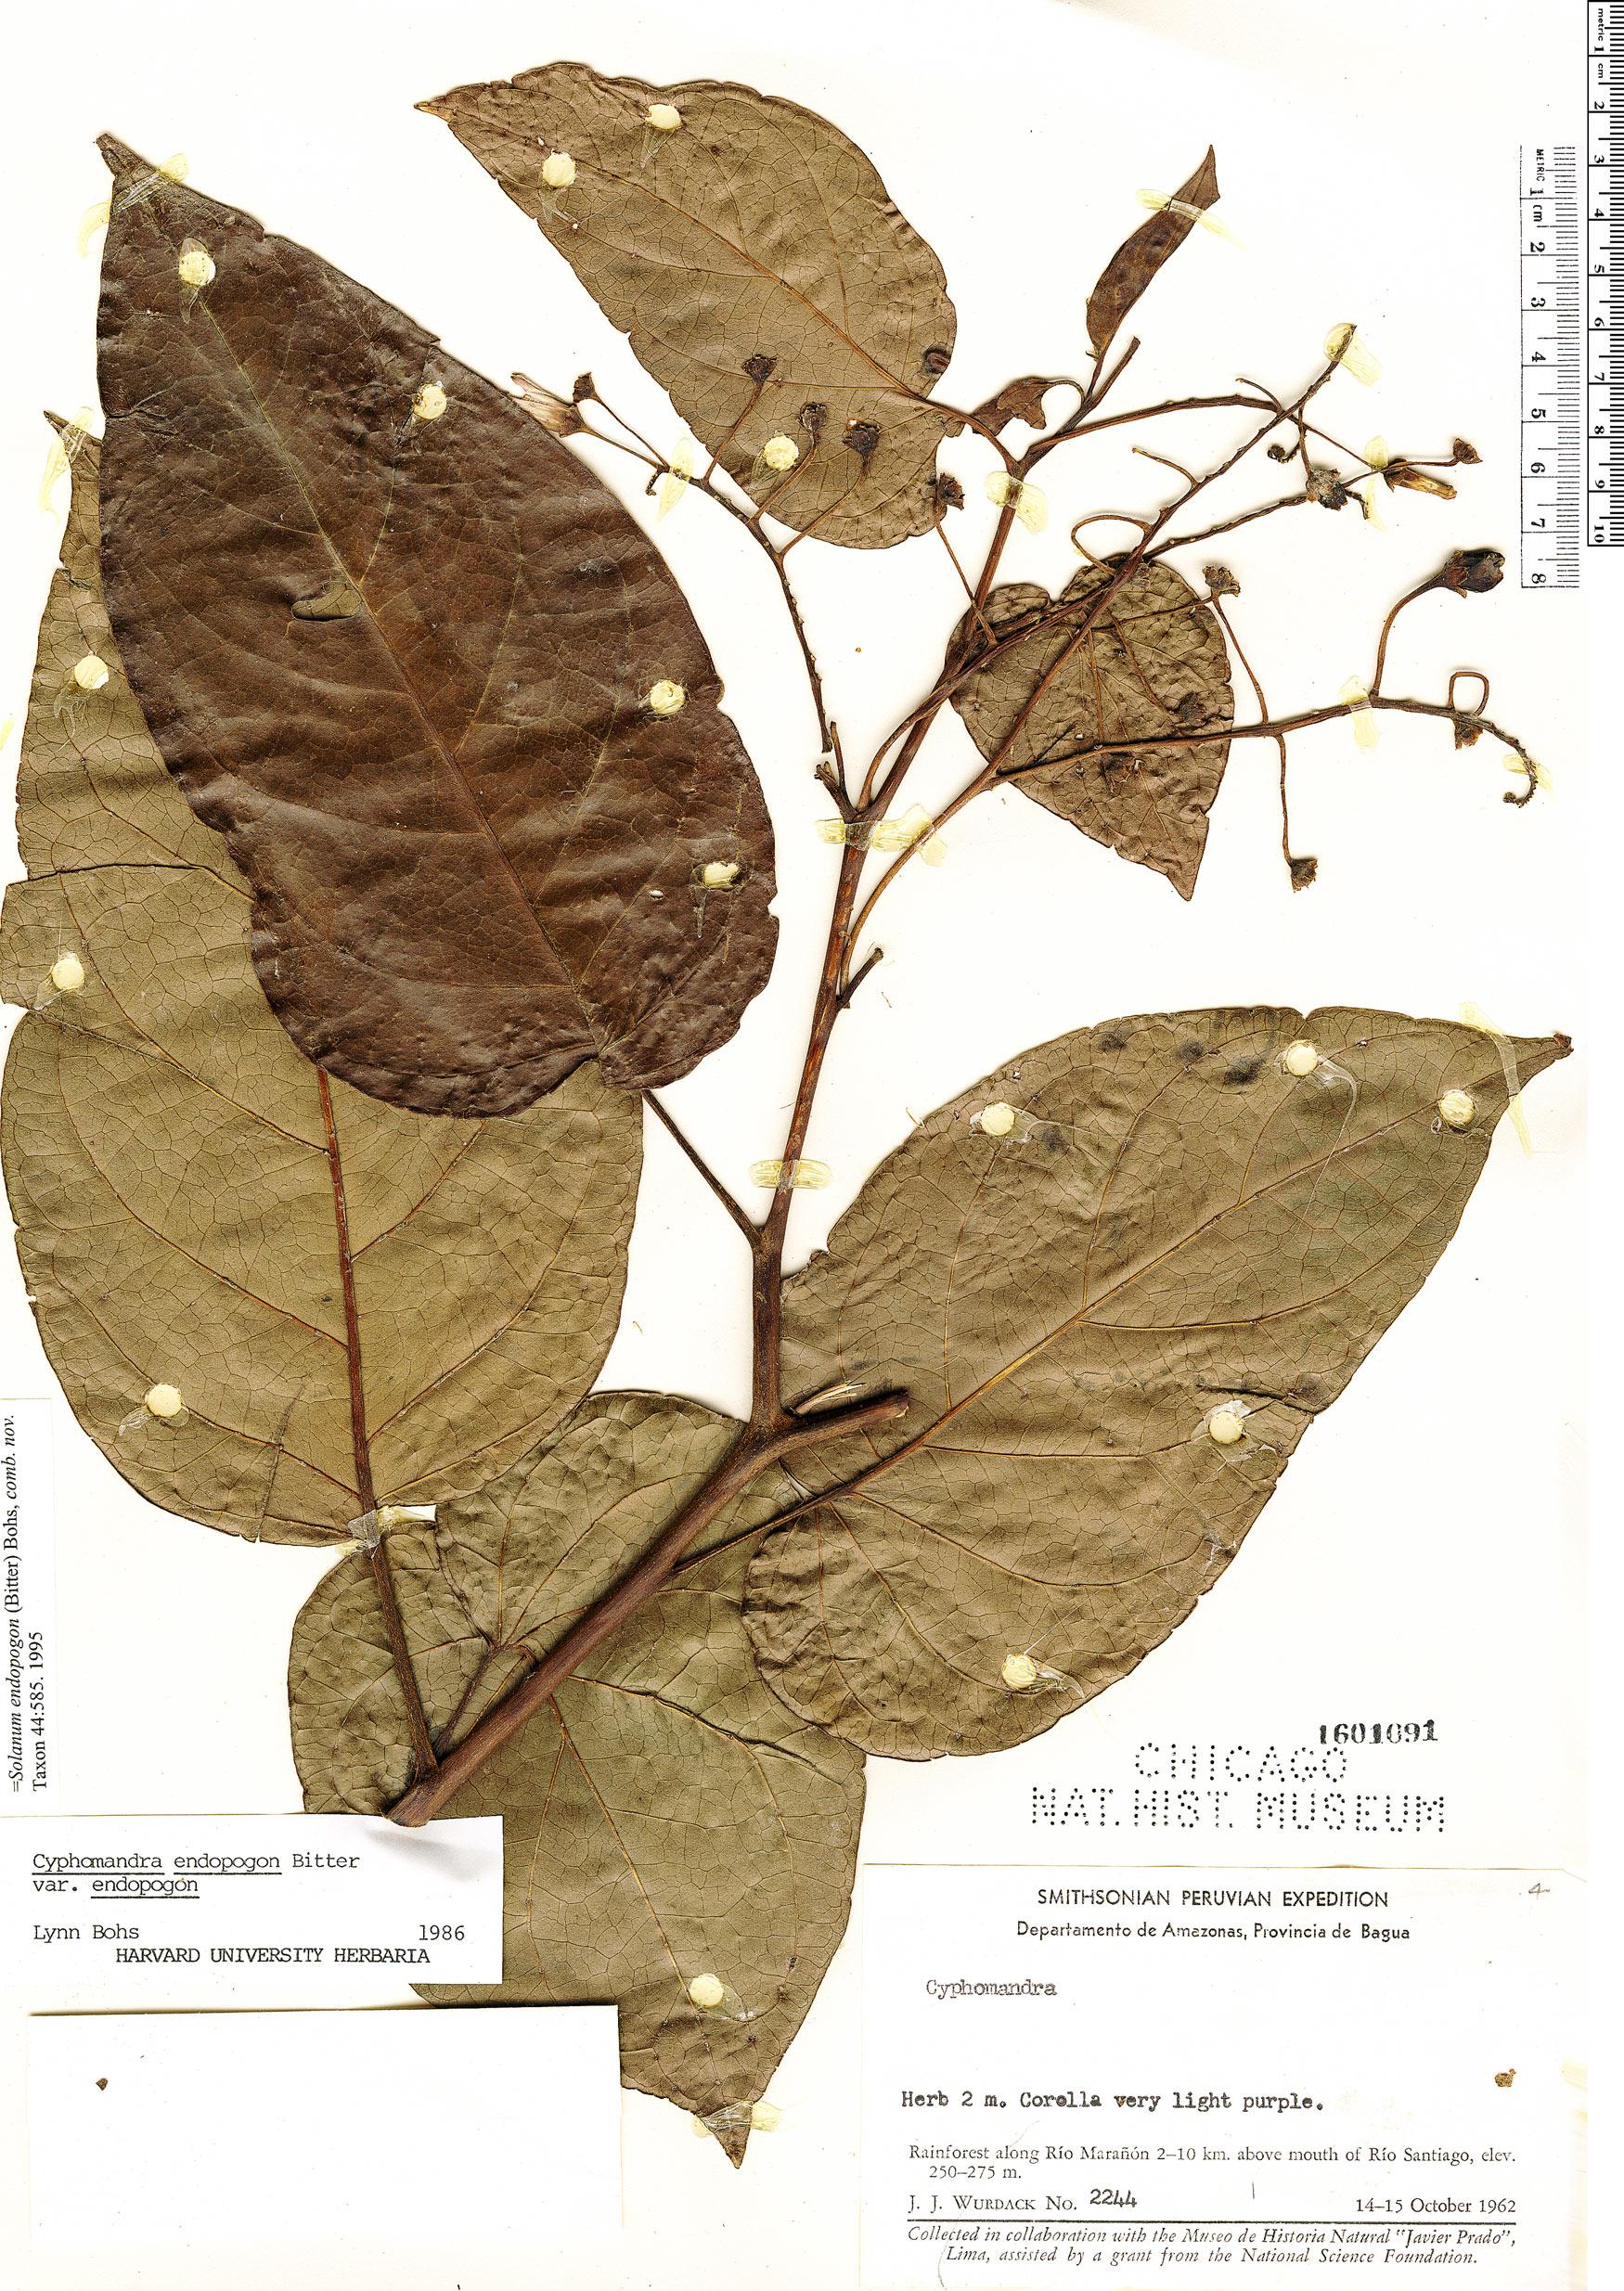 Specimen: Solanum endopogon